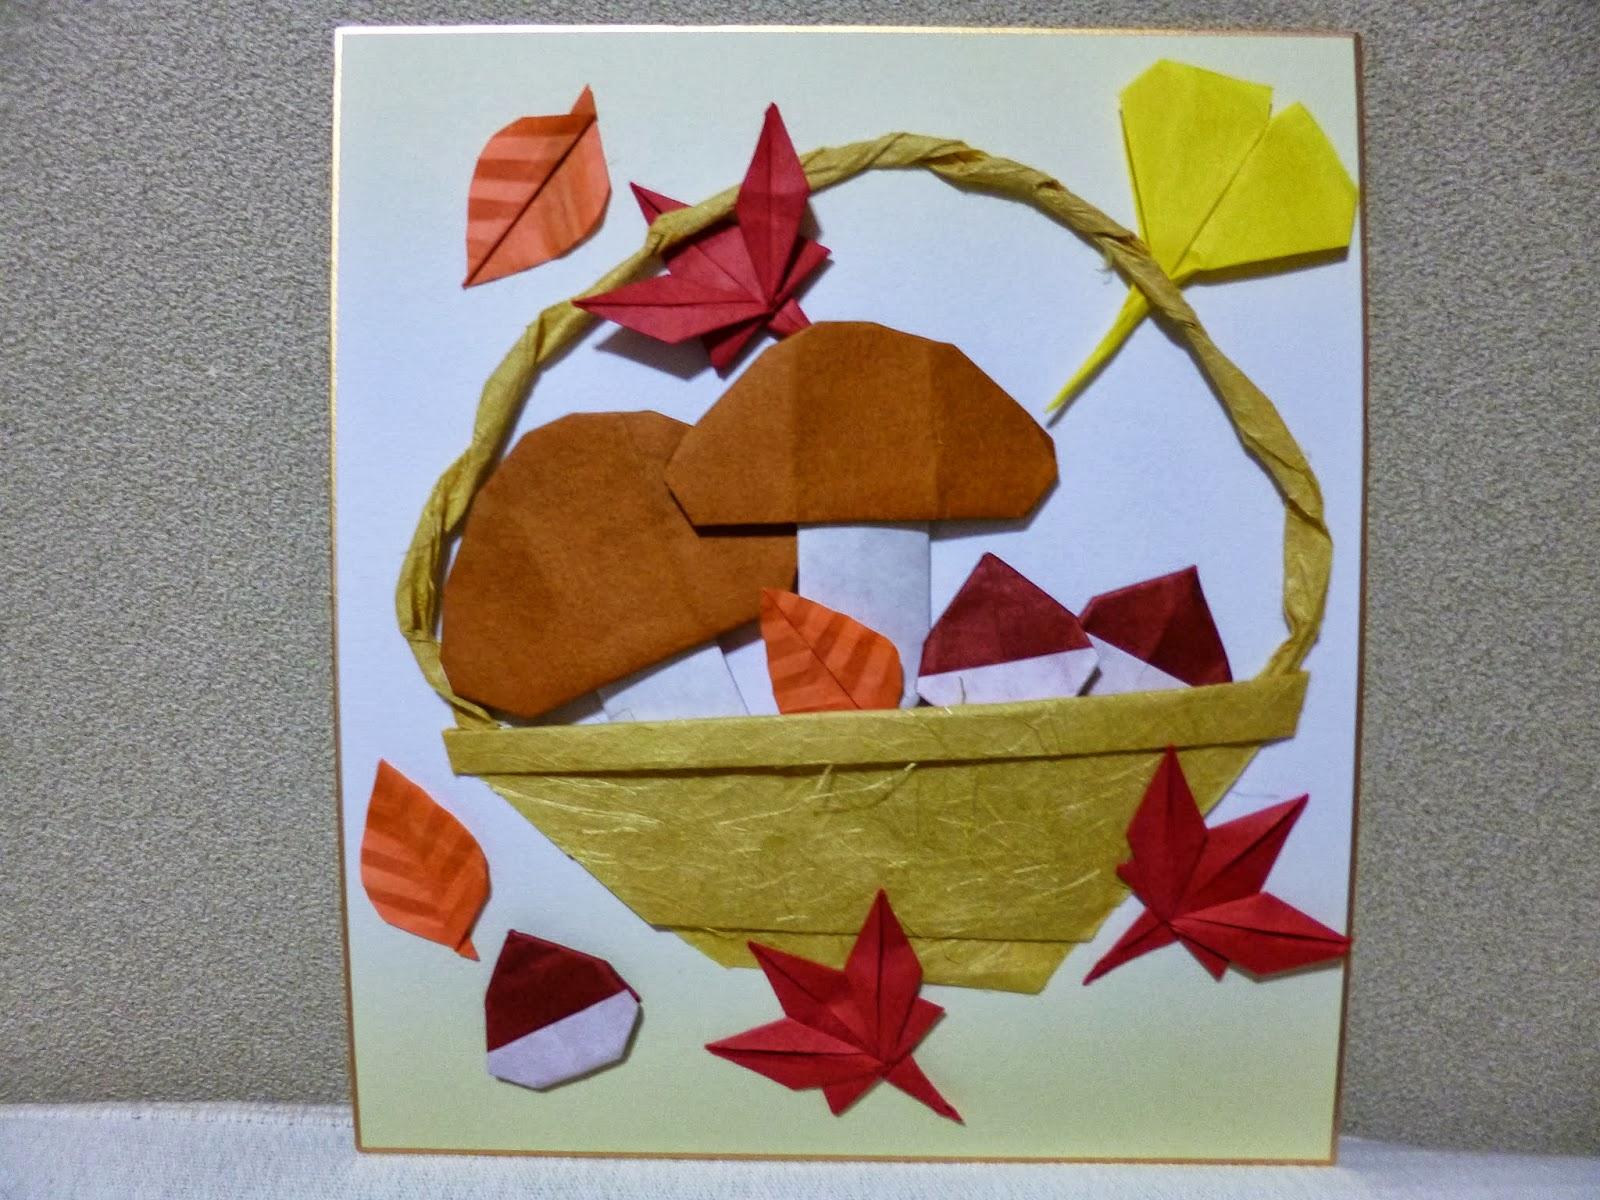 すべての折り紙 色んな折り紙 : レッサーパンダの折り紙徒然 ...